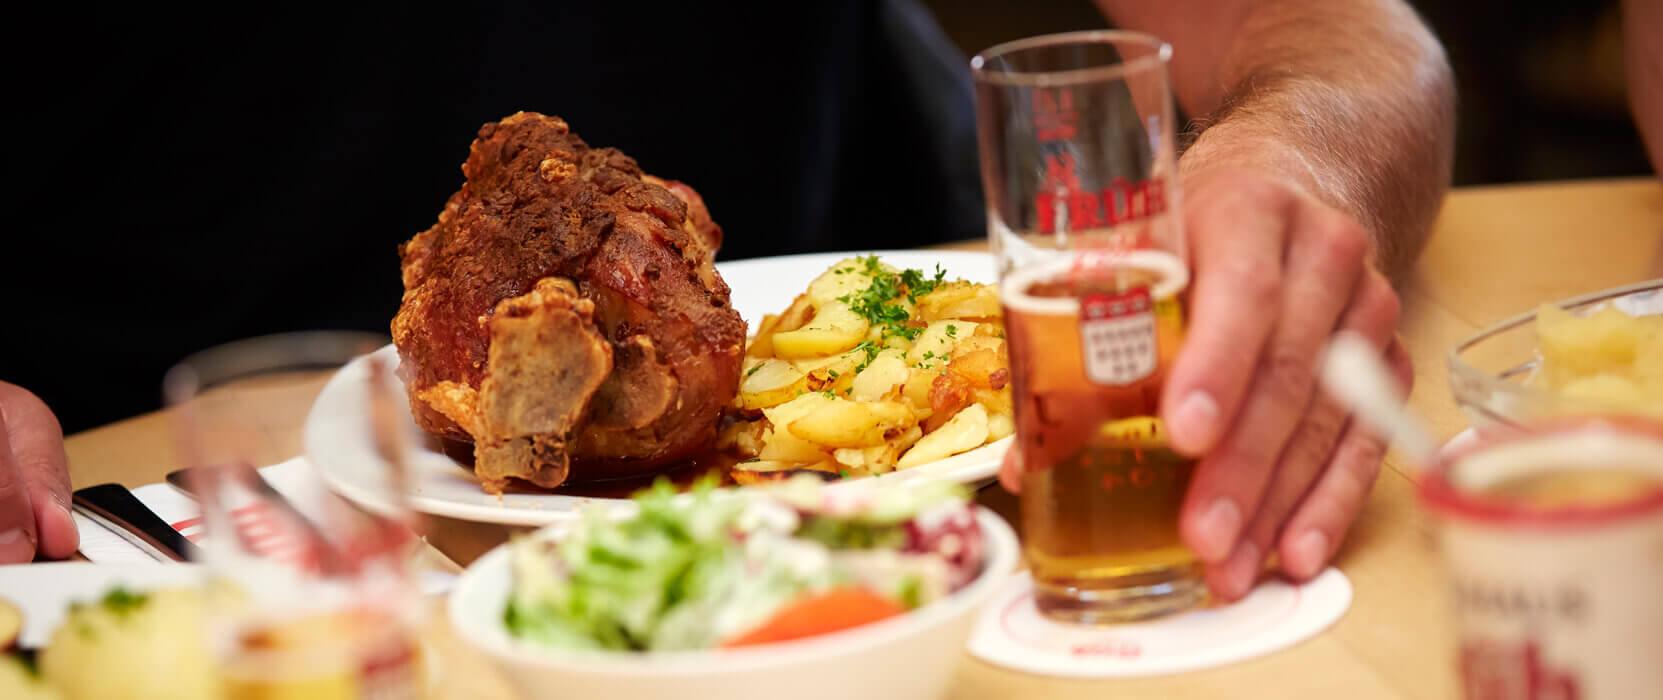 Schweinehaxe, Brauhaus Früh